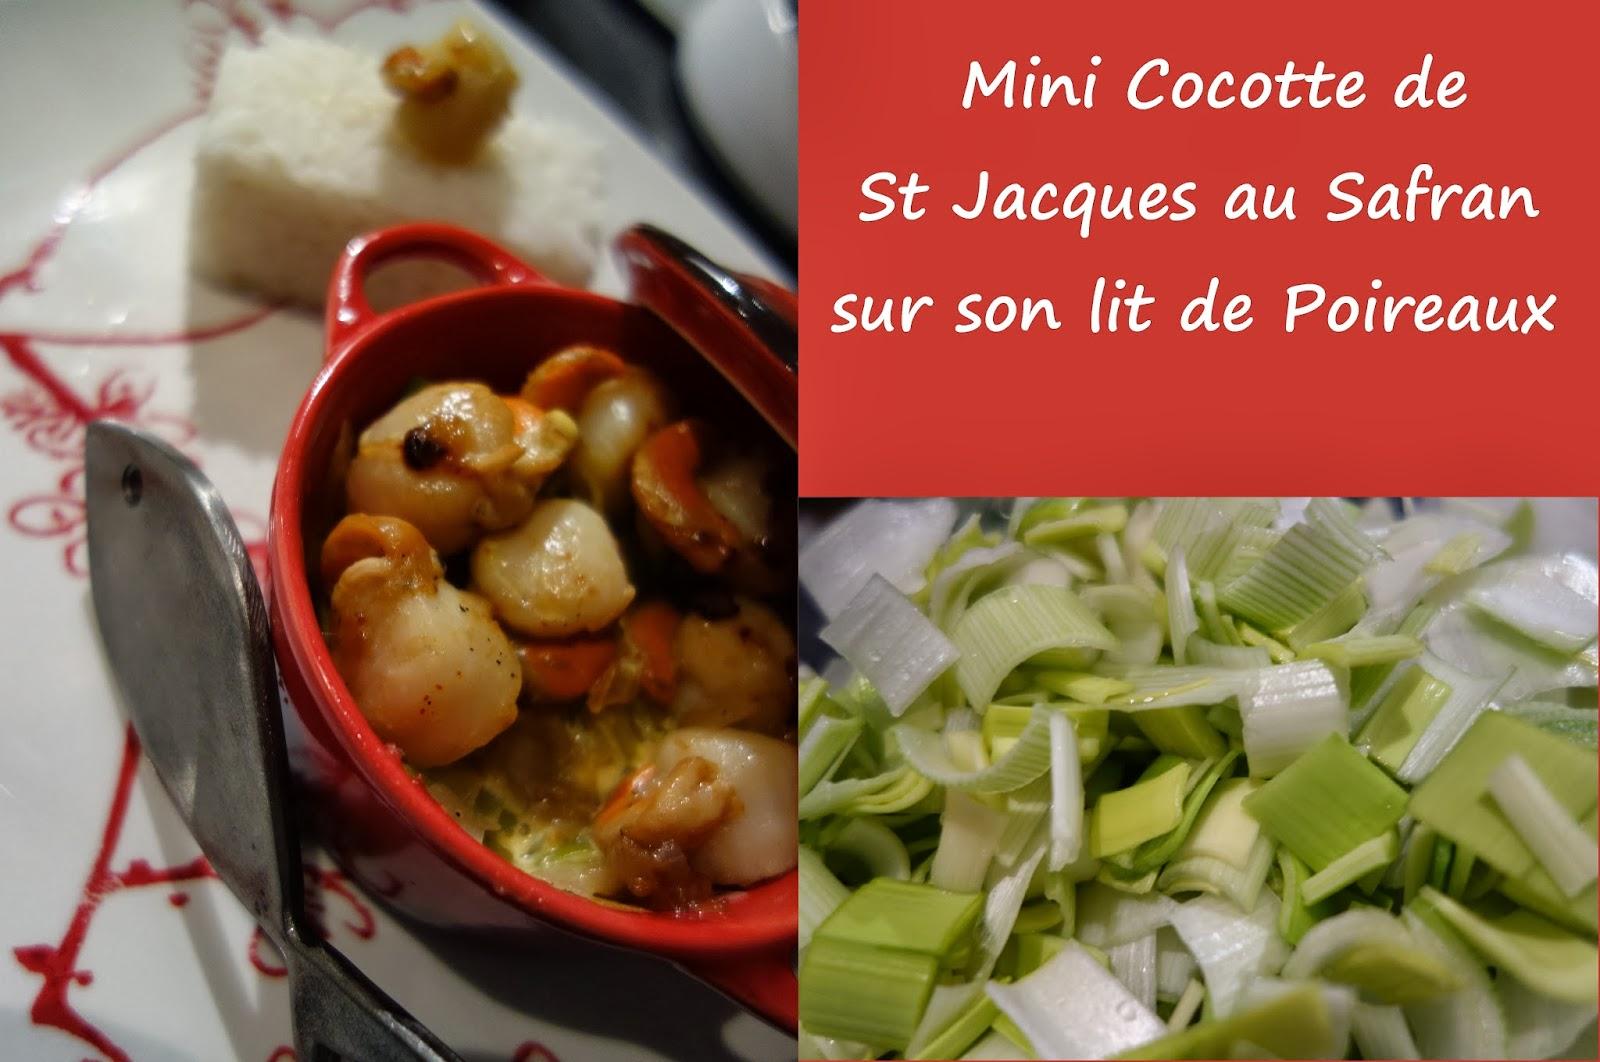 La cuisine de k mini cocotte de st jacques au safran sur - Cassolette de saint jacques sur lit de poireaux ...